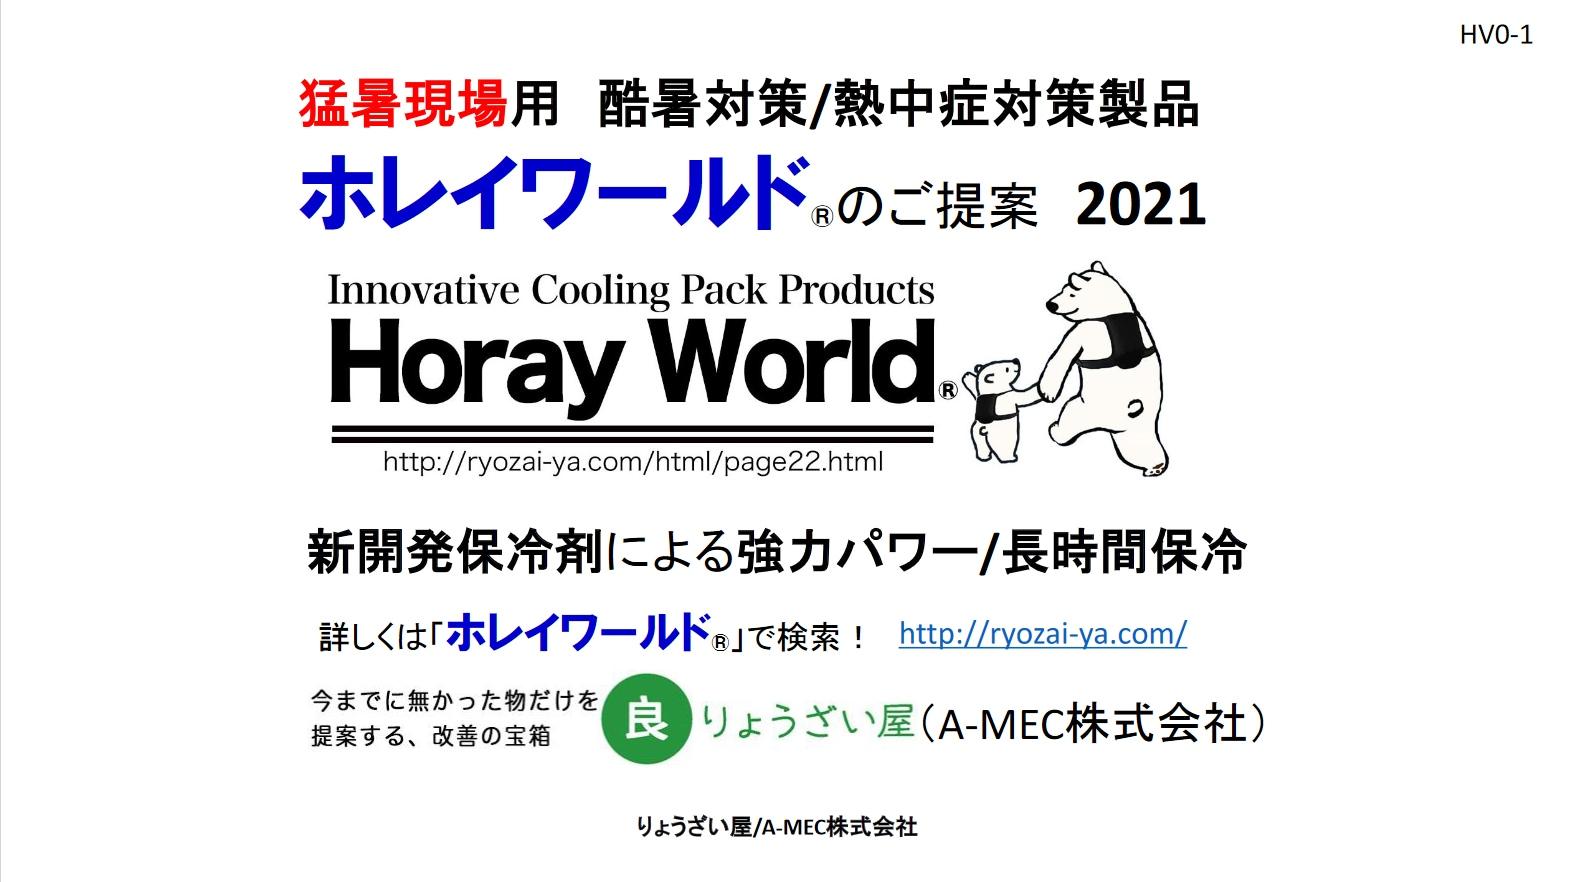 2021年 技術提案資料 ホレイワールド/ホレイベスト